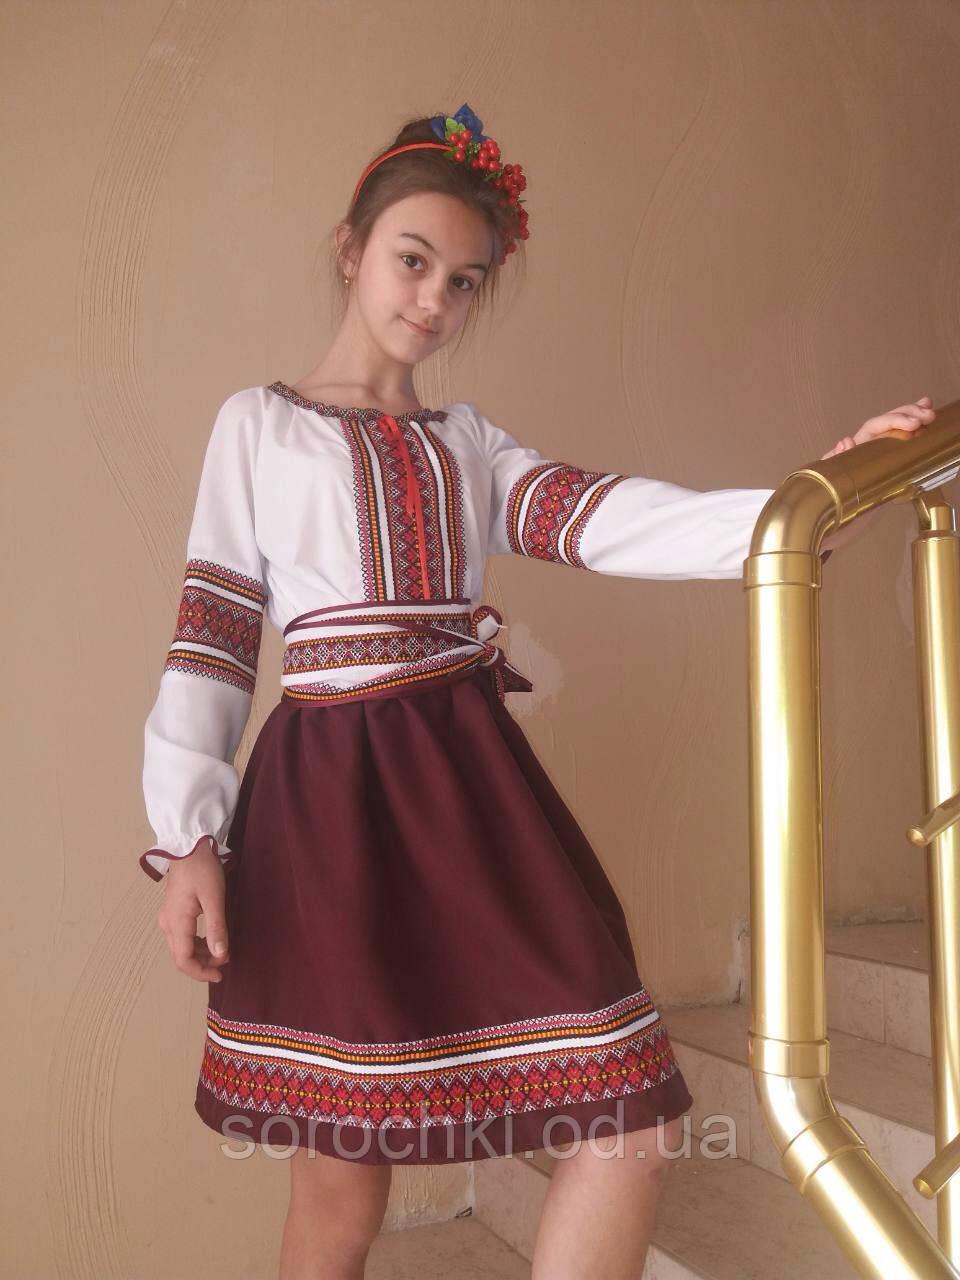 Вышиванка для девочки костюм , блузка поплин белая , юбка габардин , бордовая ,  прокат